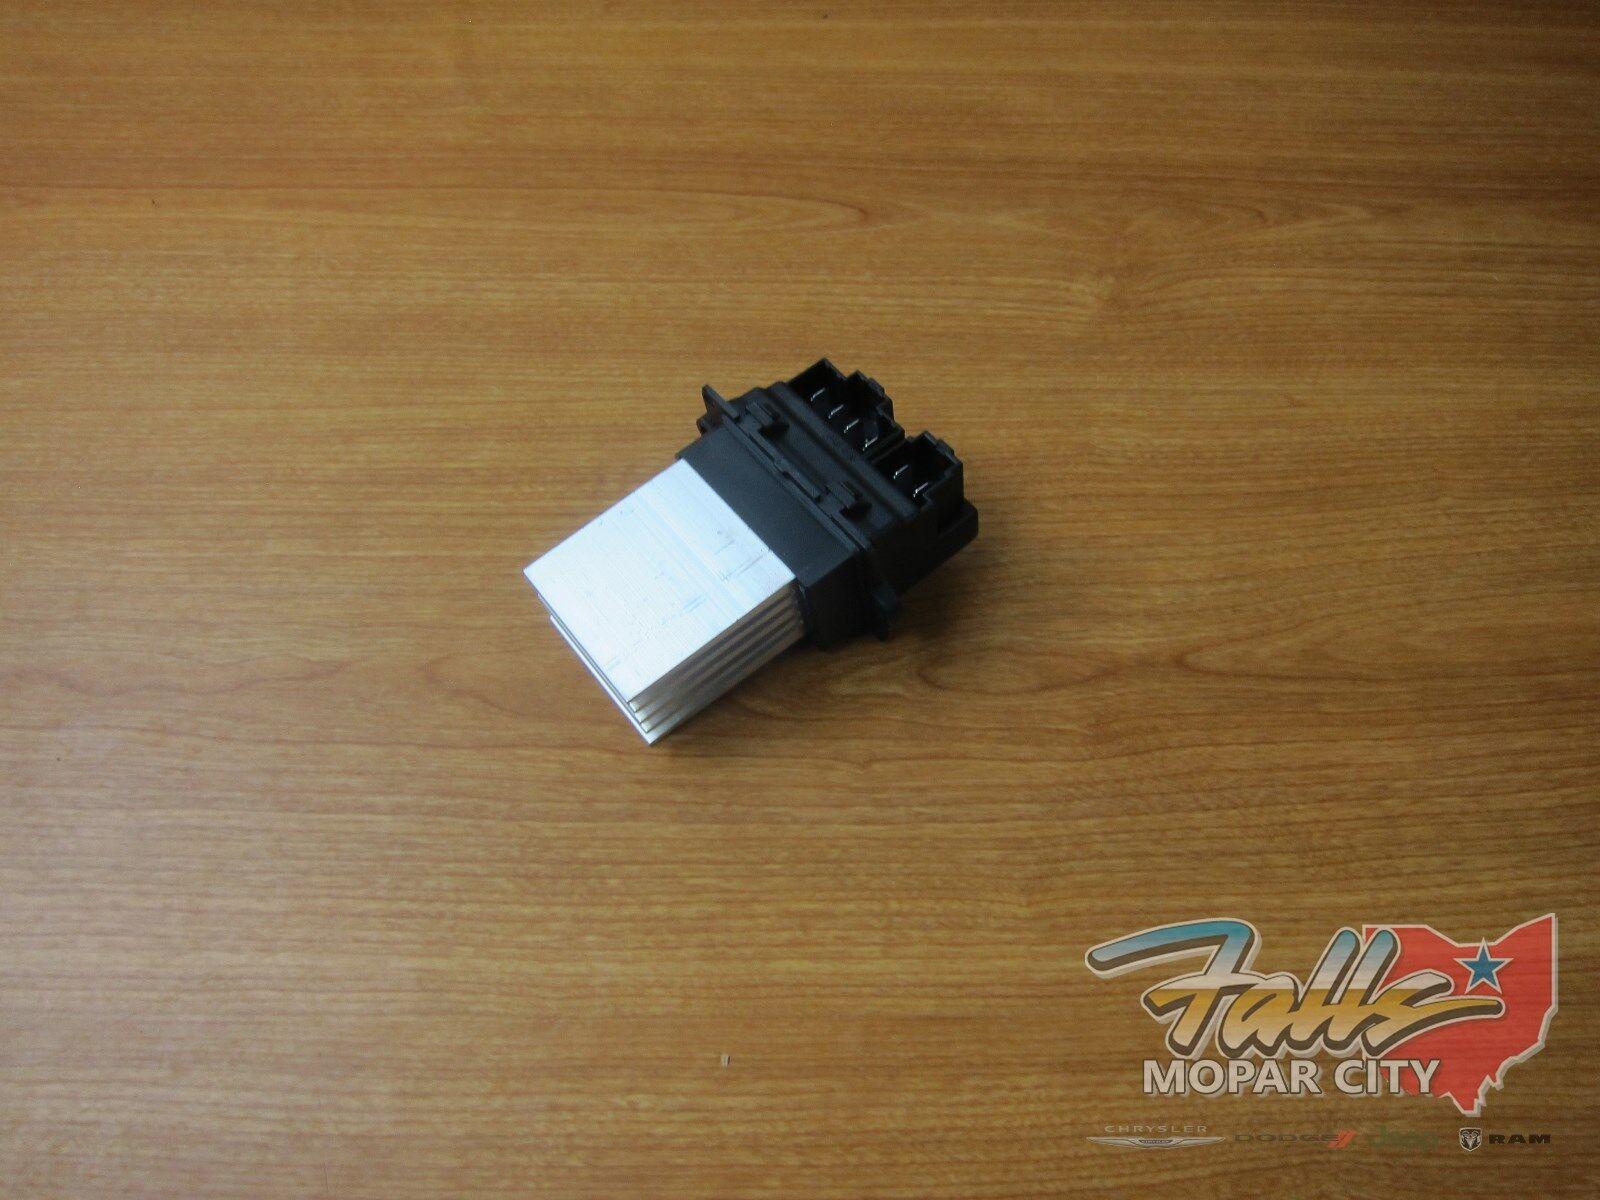 Chrysler 200: Blower Control